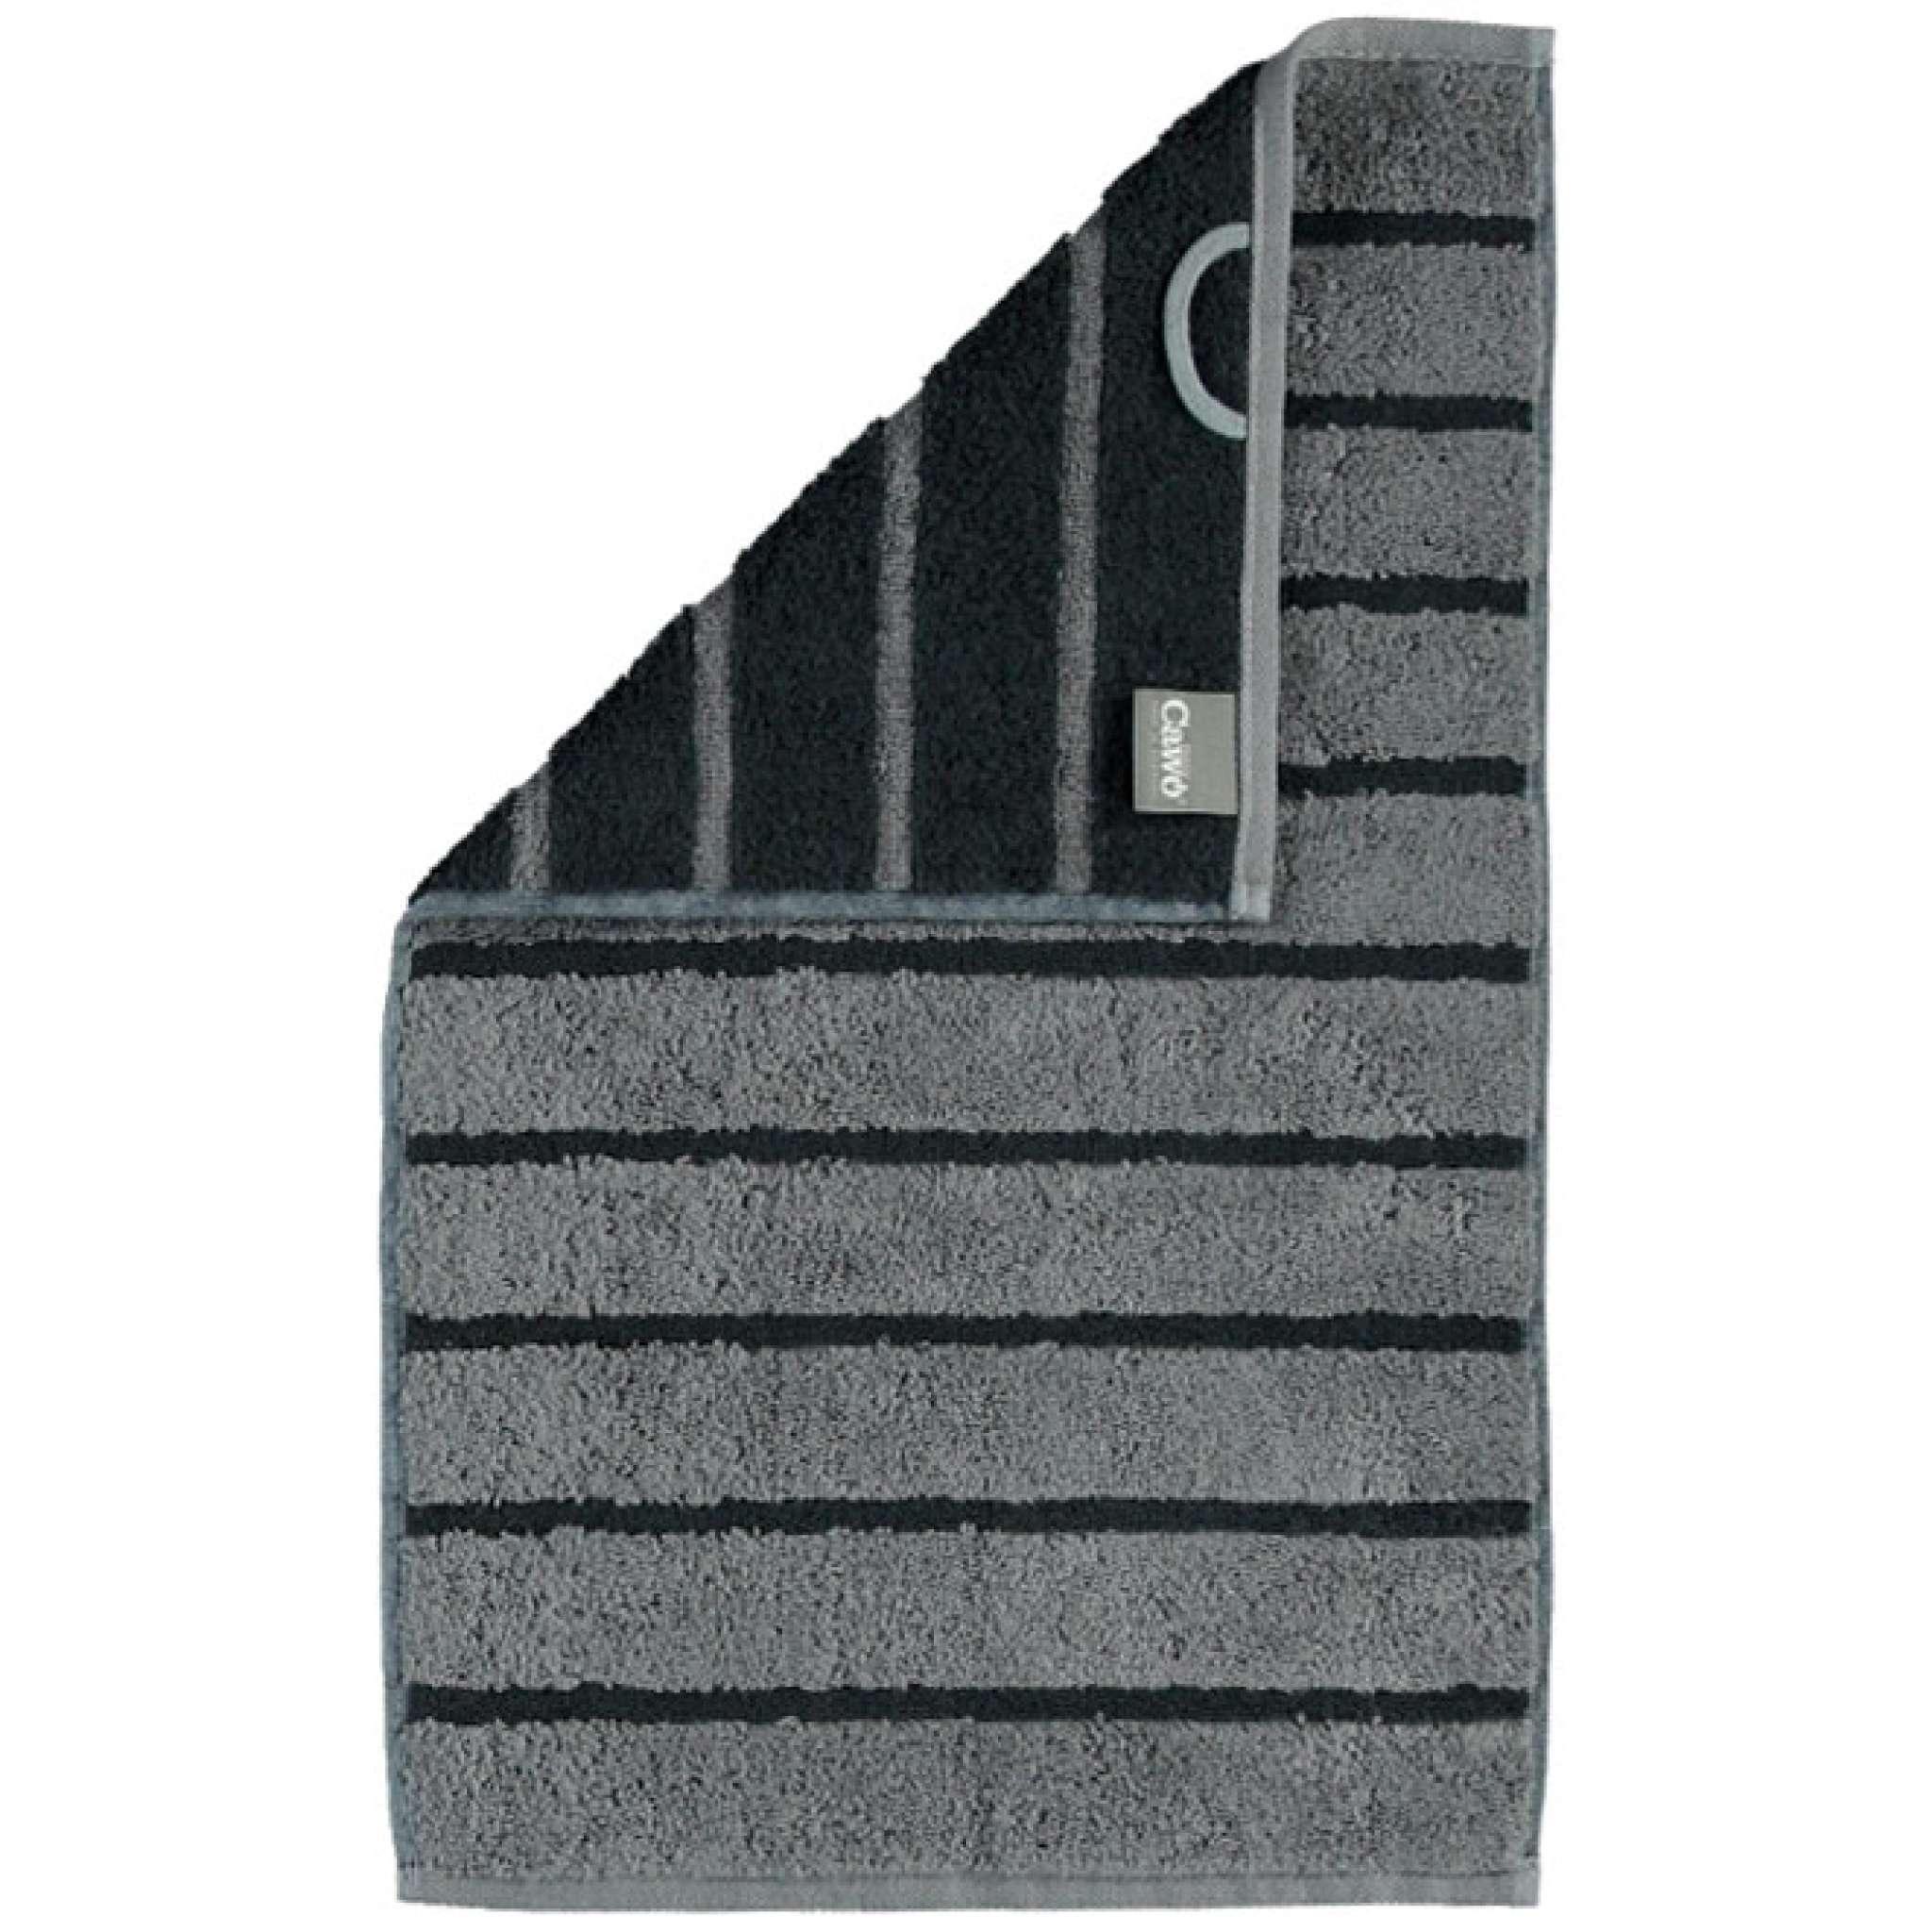 Cawö håndhåndkle, mørk grå striper